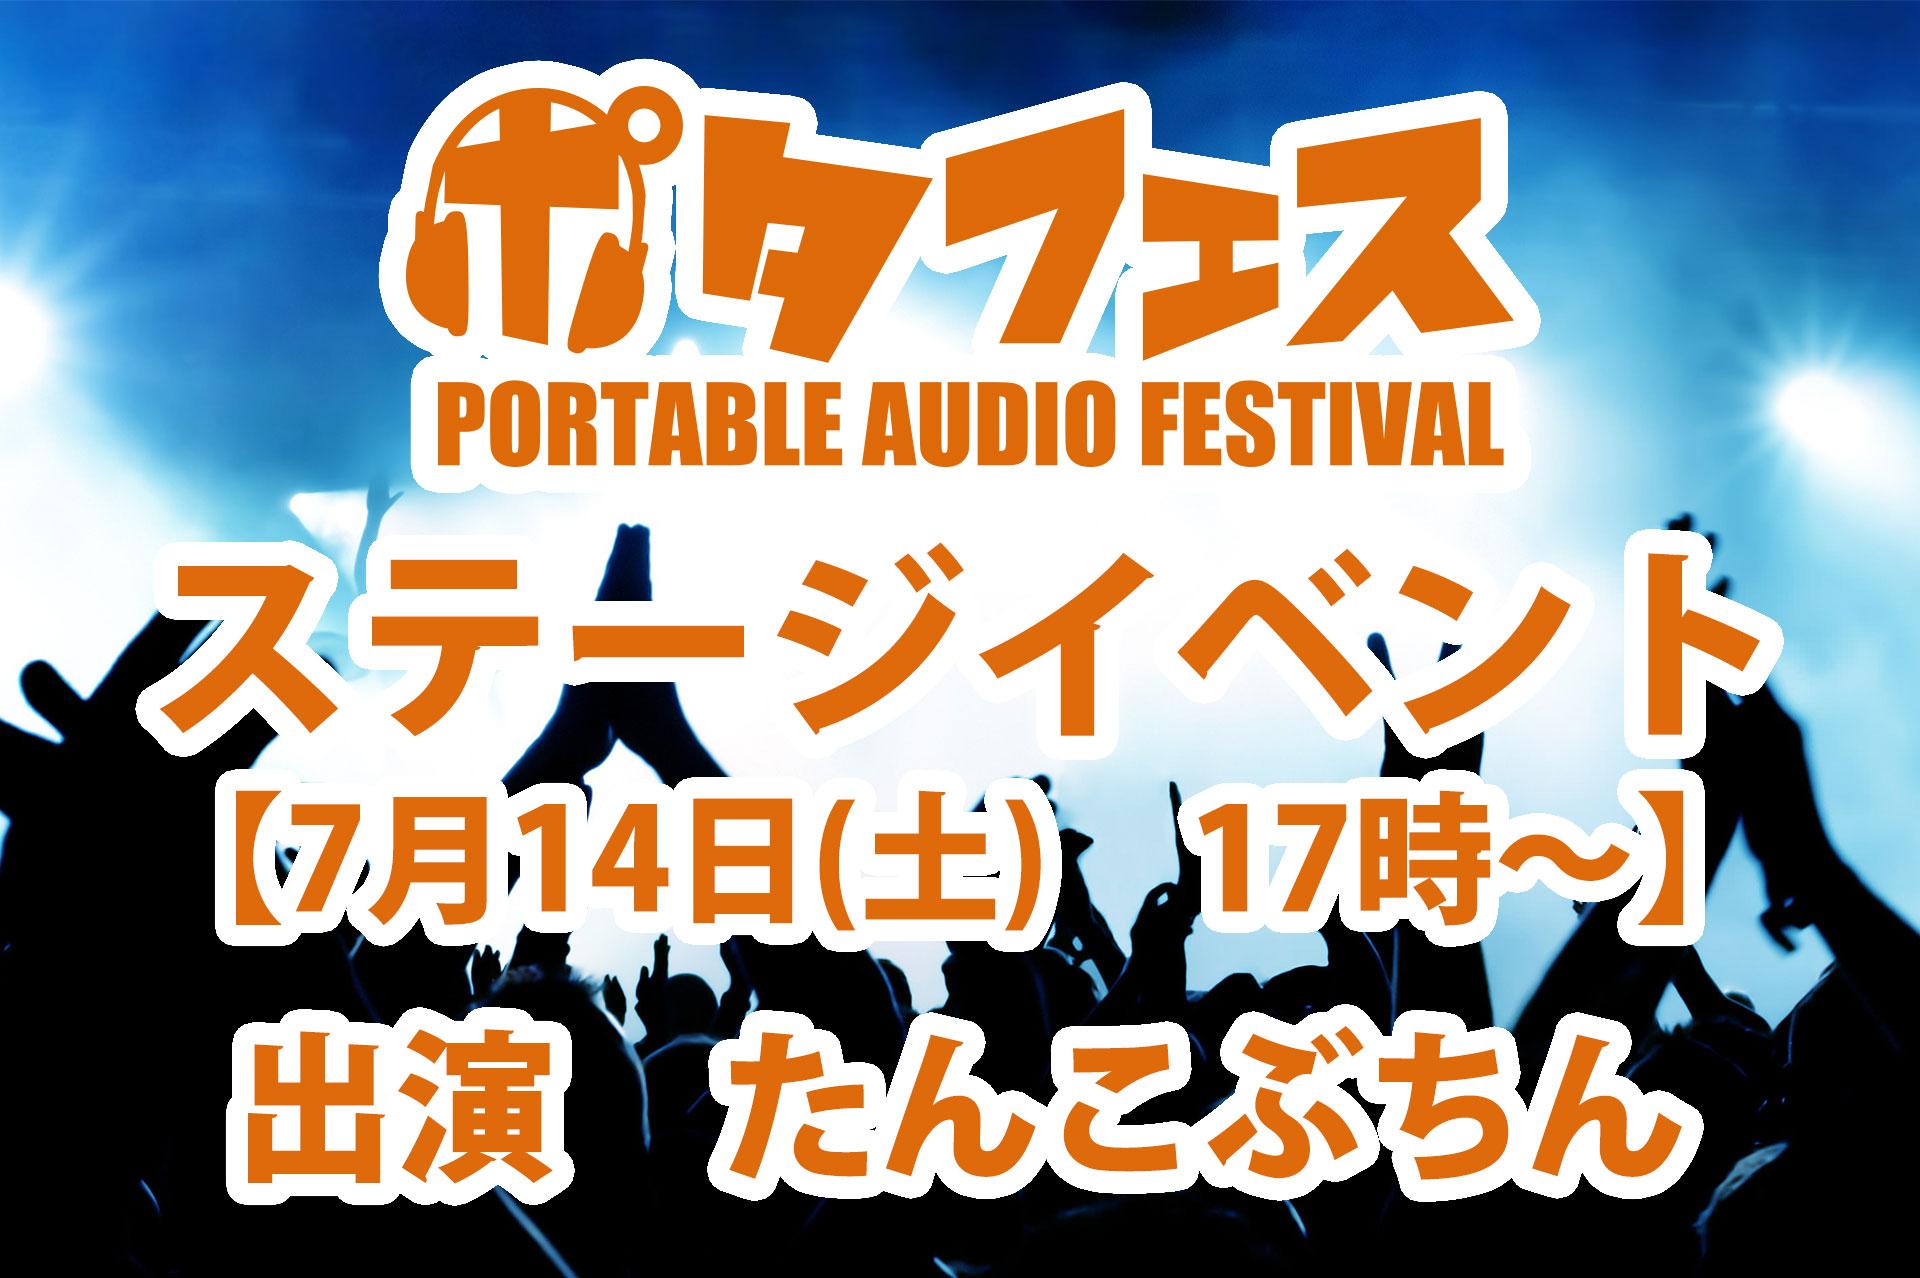 【ステージ情報】たんこぶちん×ポタフェス アコースティックライブ